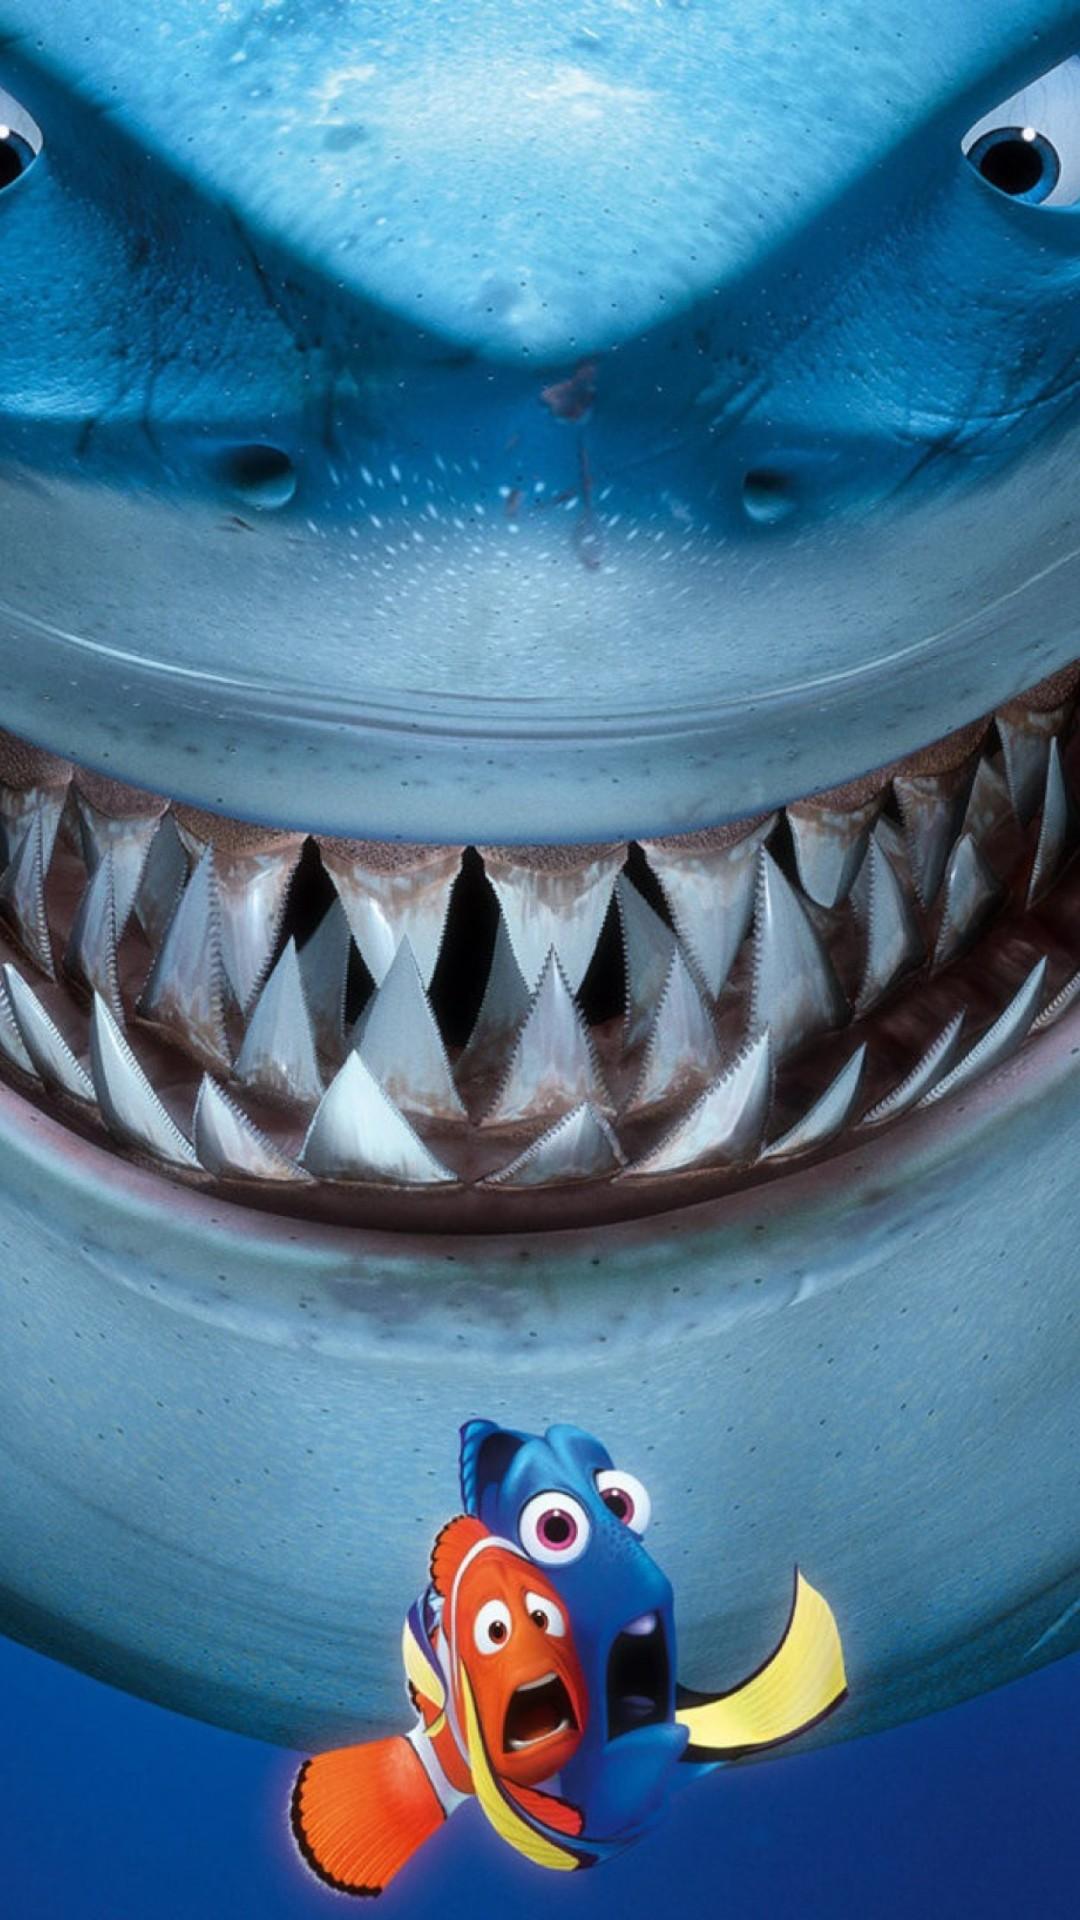 Shark iPhone wallpaper